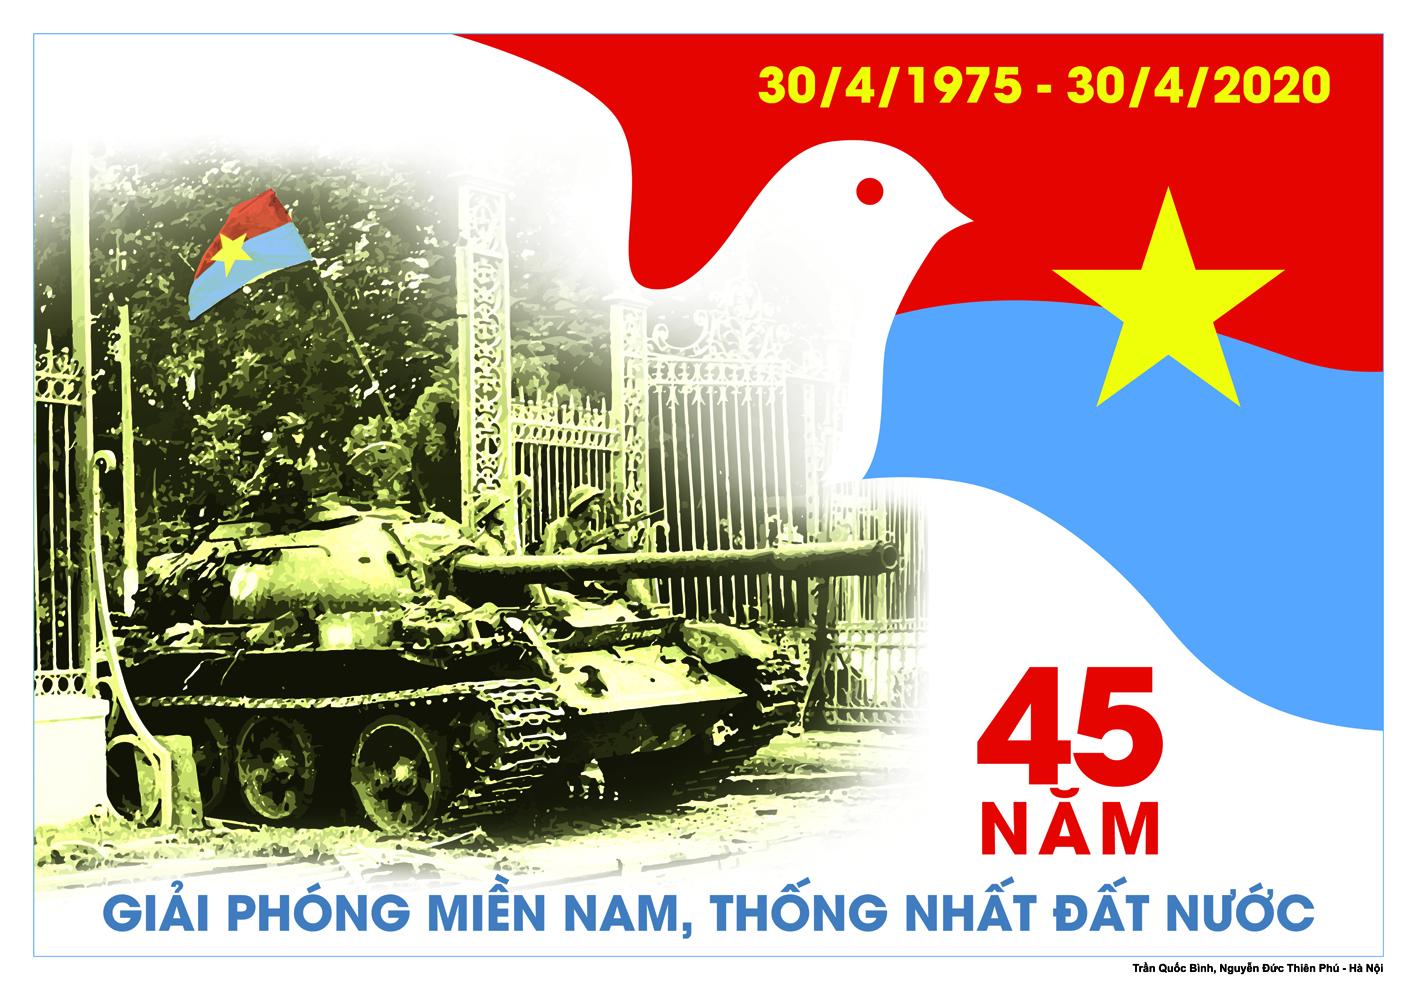 90 tranh cổ động kỷ niệm 45 năm Ngày thống nhất đất nước (30/4/1975-30/4/2020)